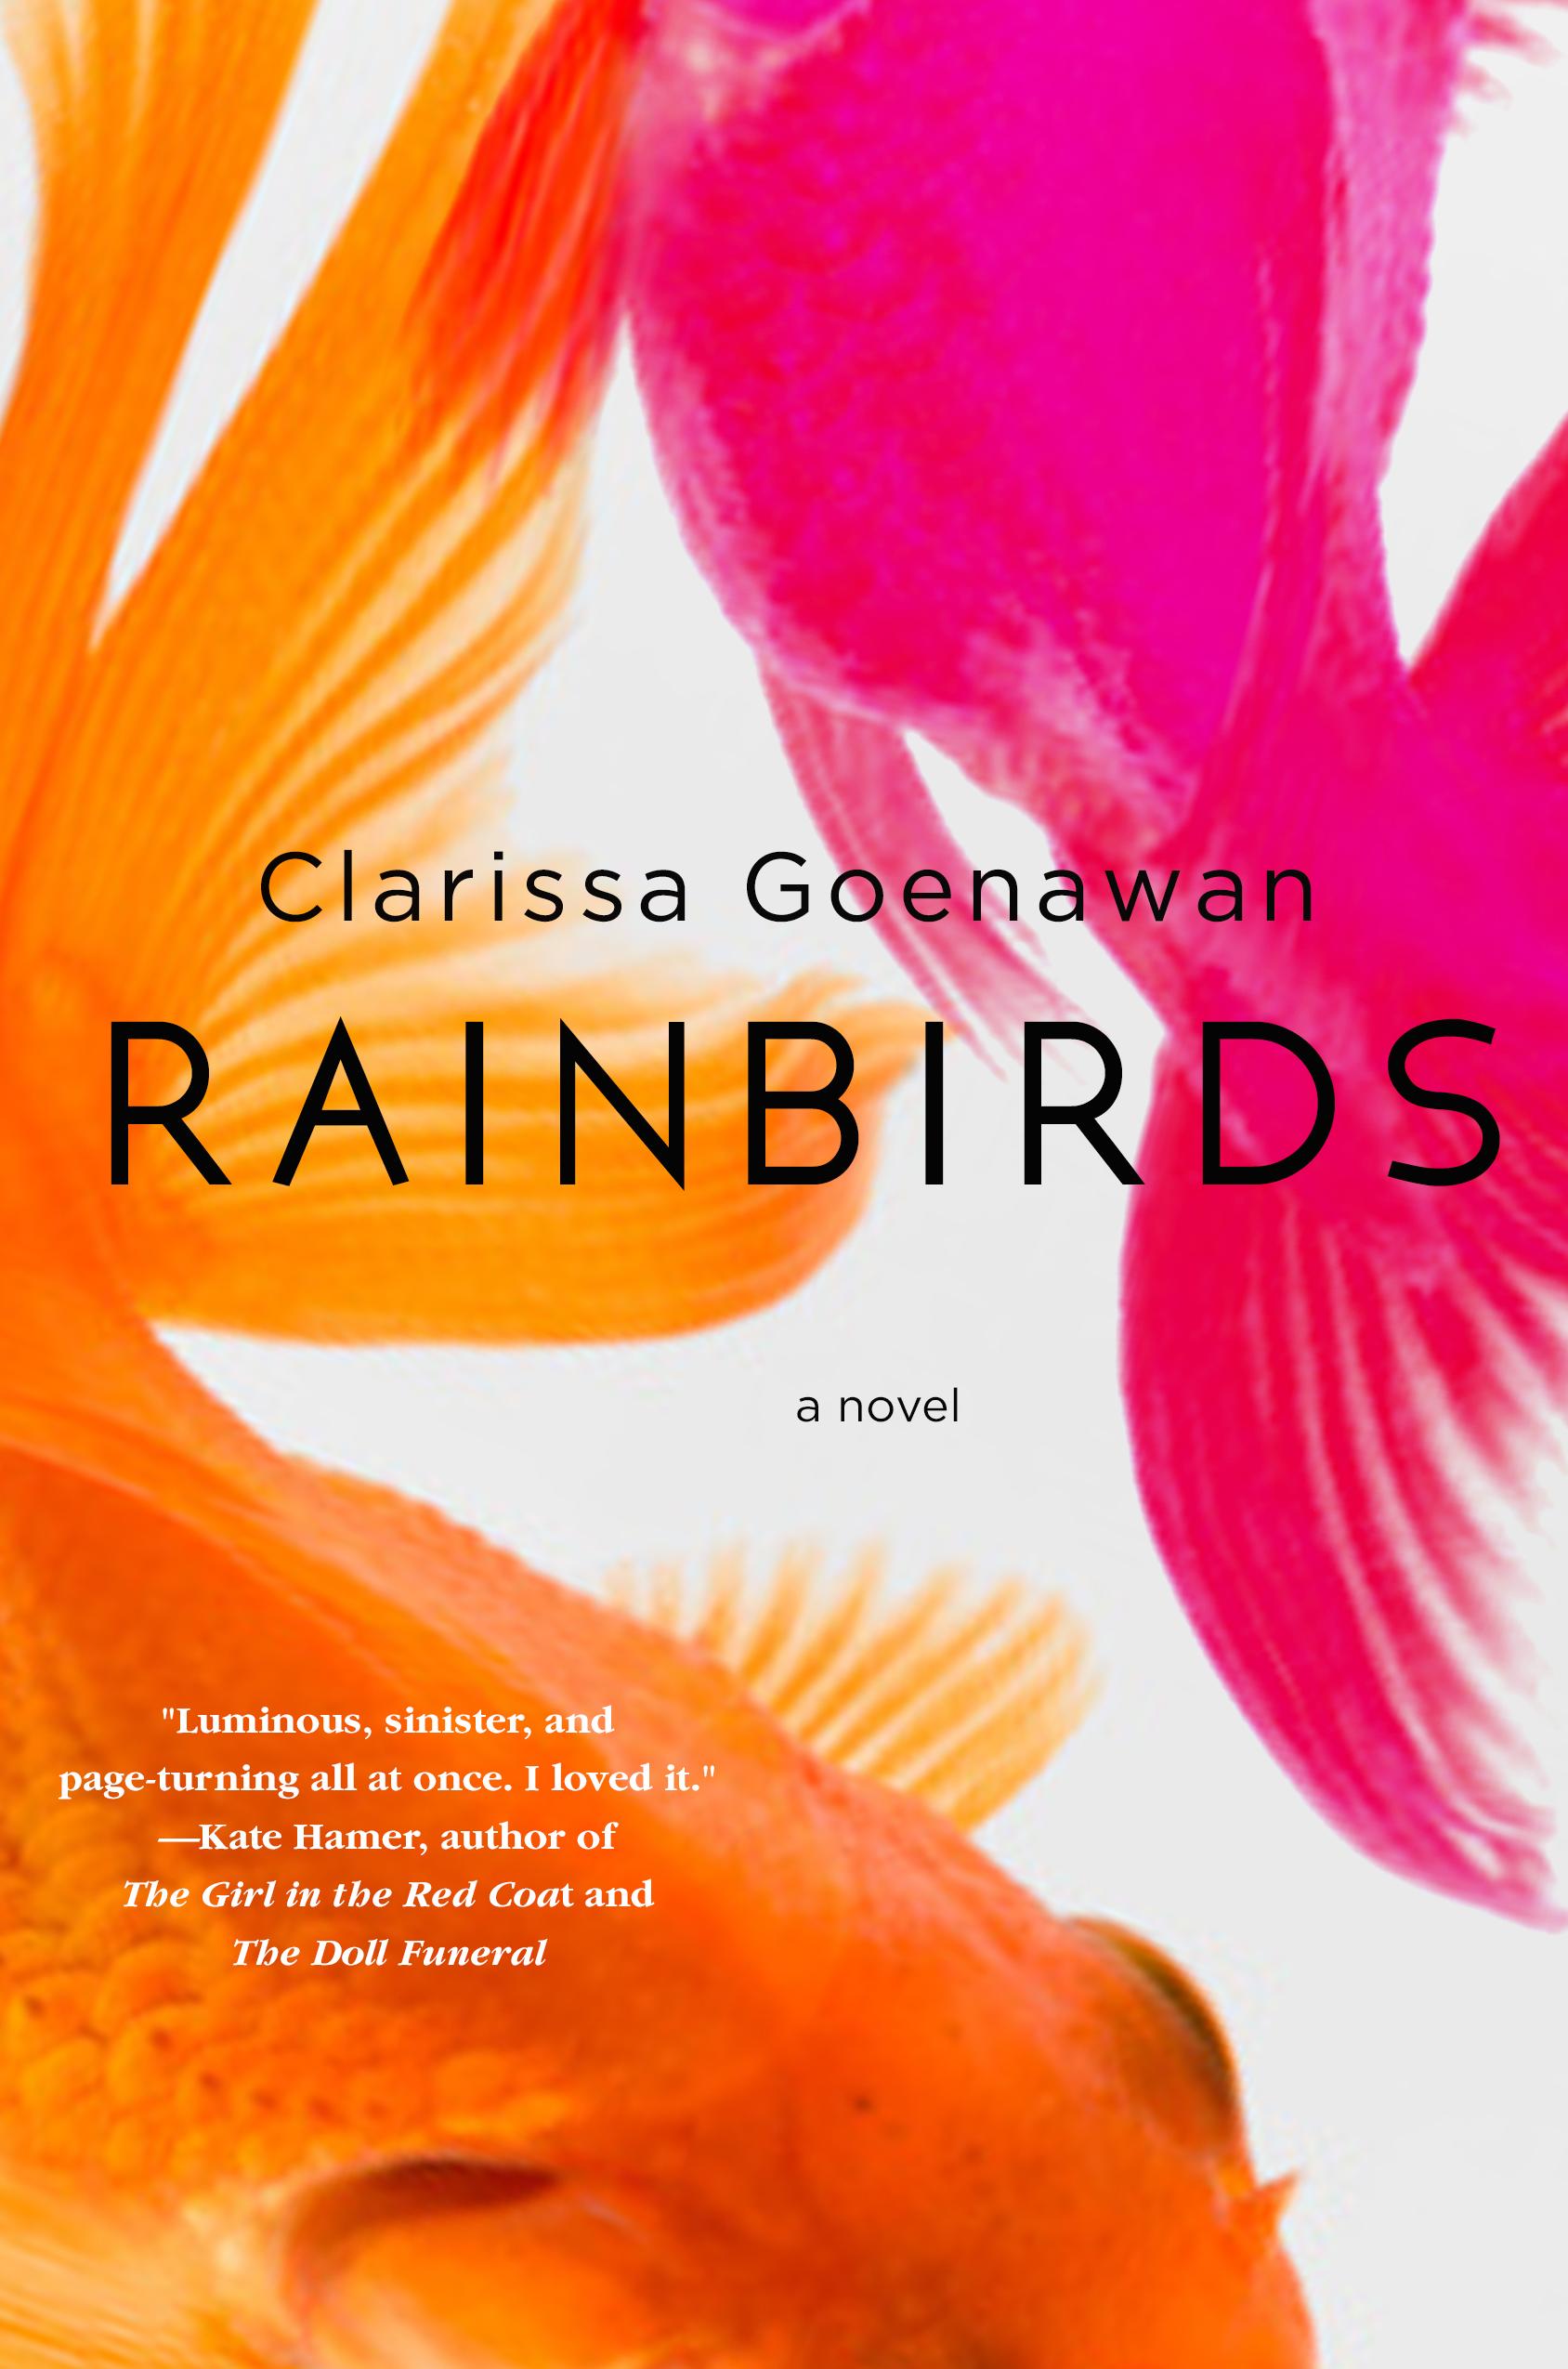 Rainbirds-final-cover-e-mail-res.jpg